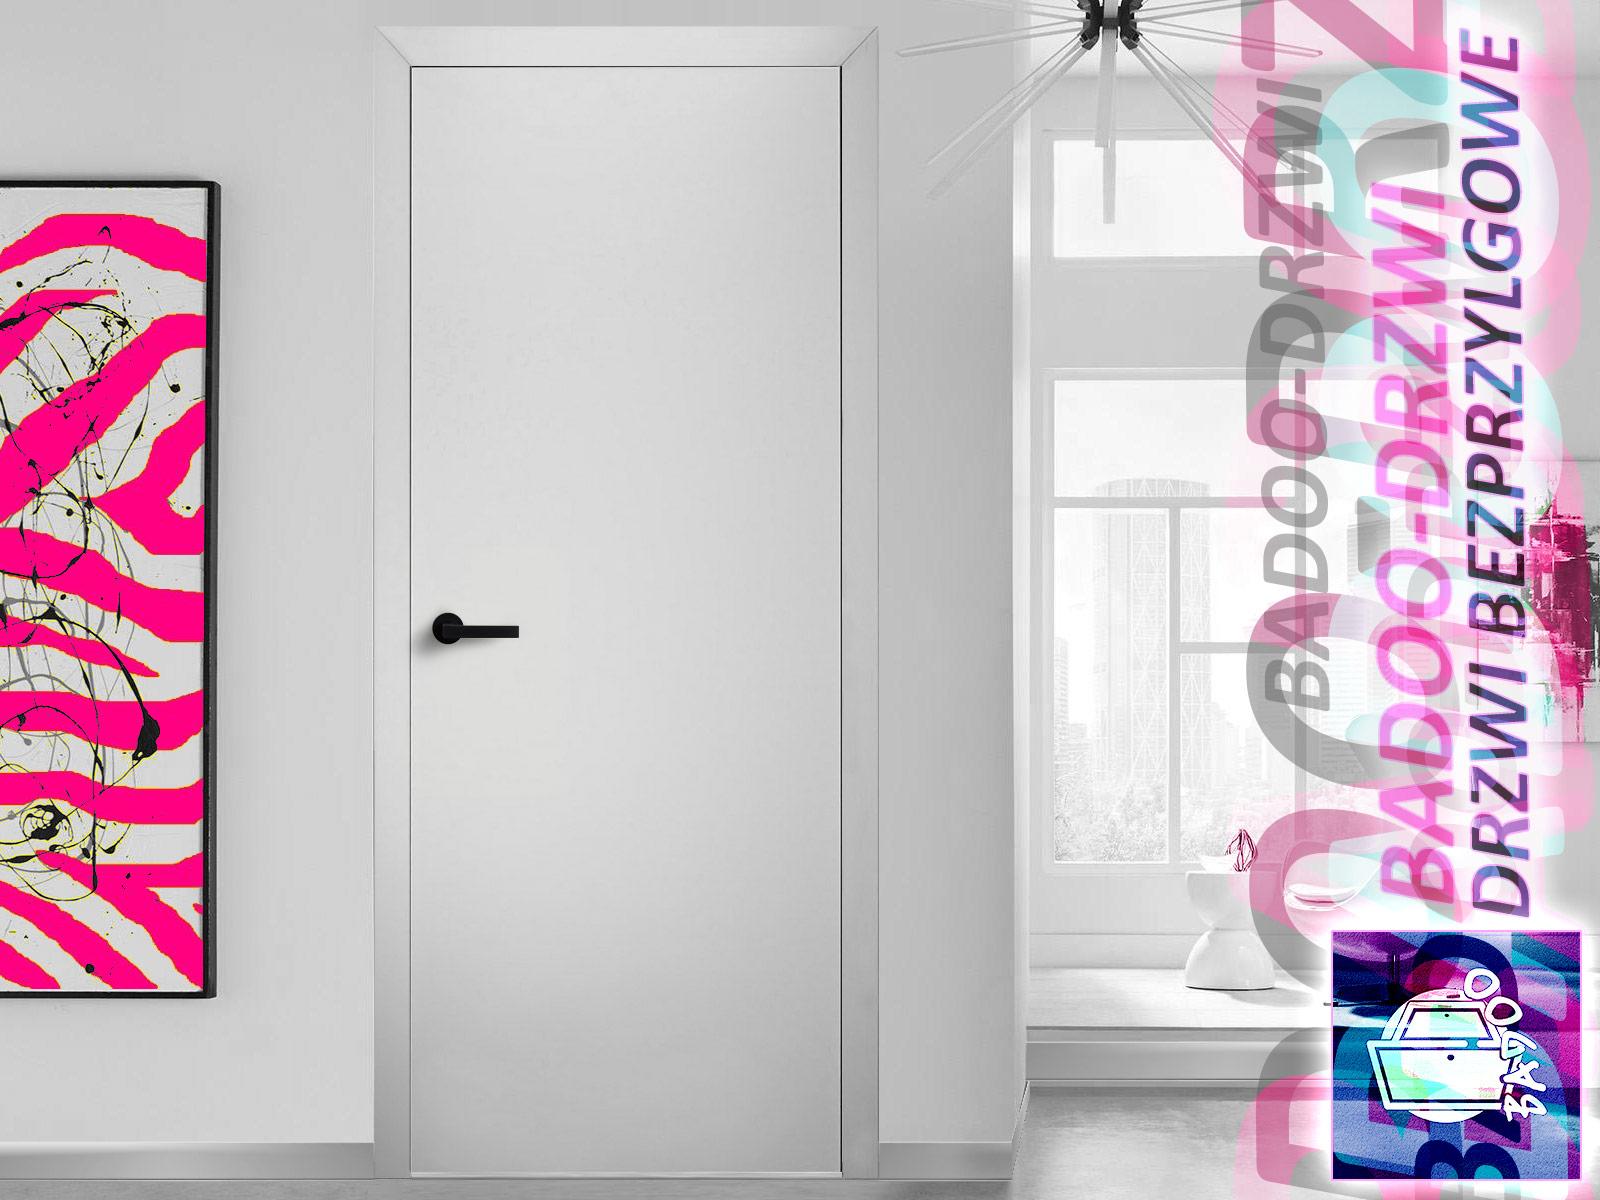 drzwi do nowoczesnych dizajnerskich wnętrz jako drzwi pokojowe lub łazienkowe